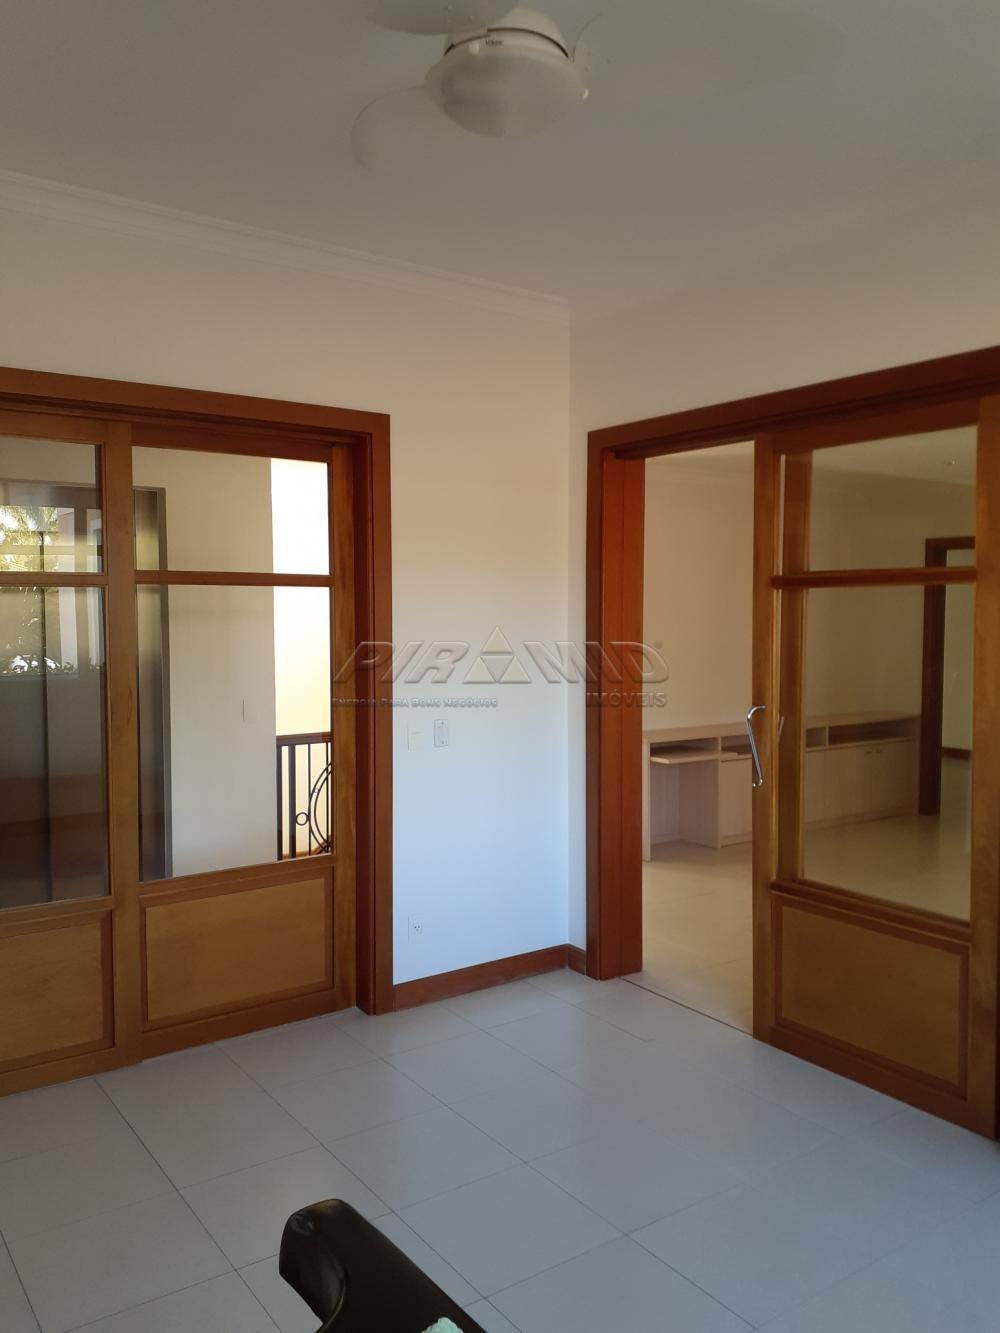 Comprar Casa / Condomínio em Ribeirão Preto apenas R$ 4.800.000,00 - Foto 34